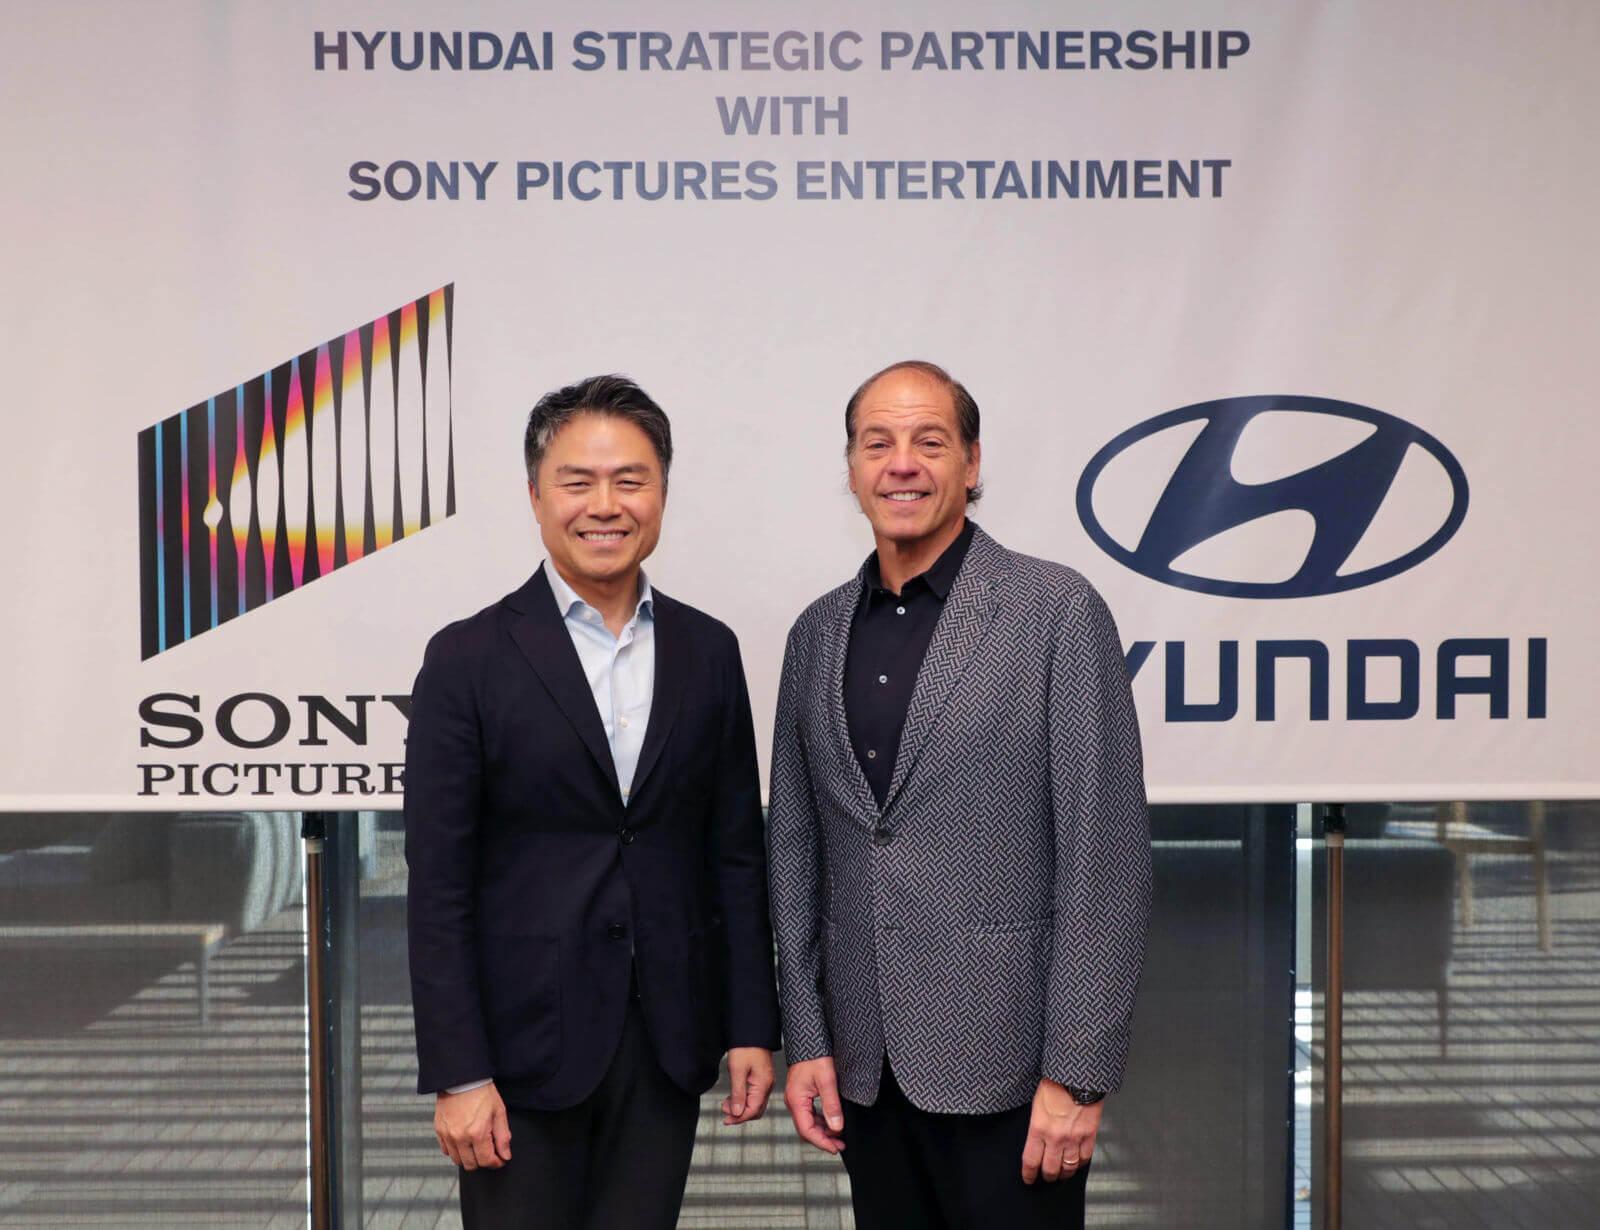 Hyundai Motor и Sony Pictures объявили о стратегическом партнерстве